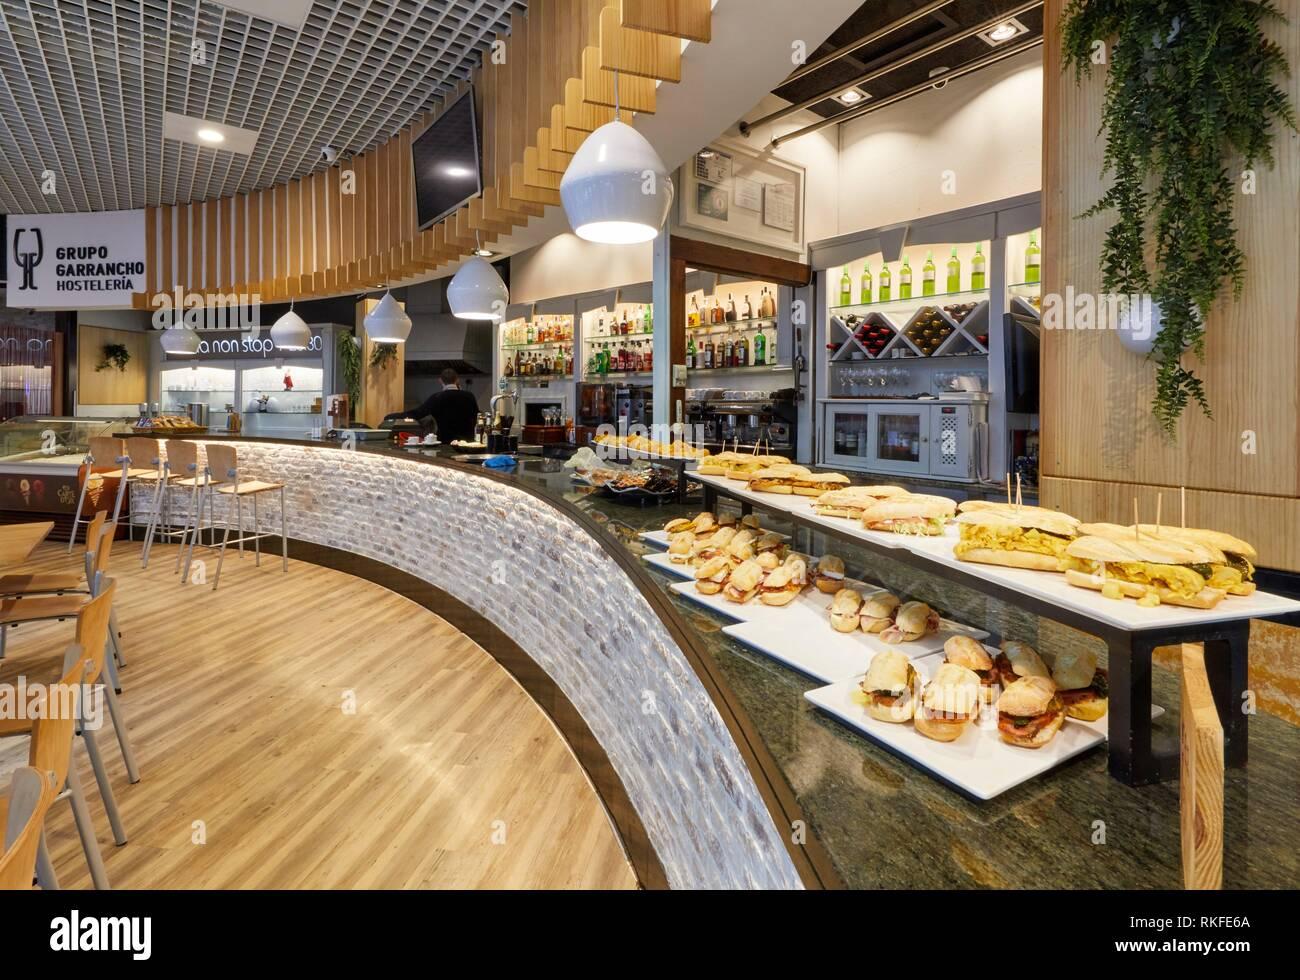 Bar with pintxos, Restaurante Bar Virginia Mendibil Menus & Fast Good, Mall, Centro Comercial Mendibil, Irun, Gipuzkoa, Basque Country, Spain - Stock Image